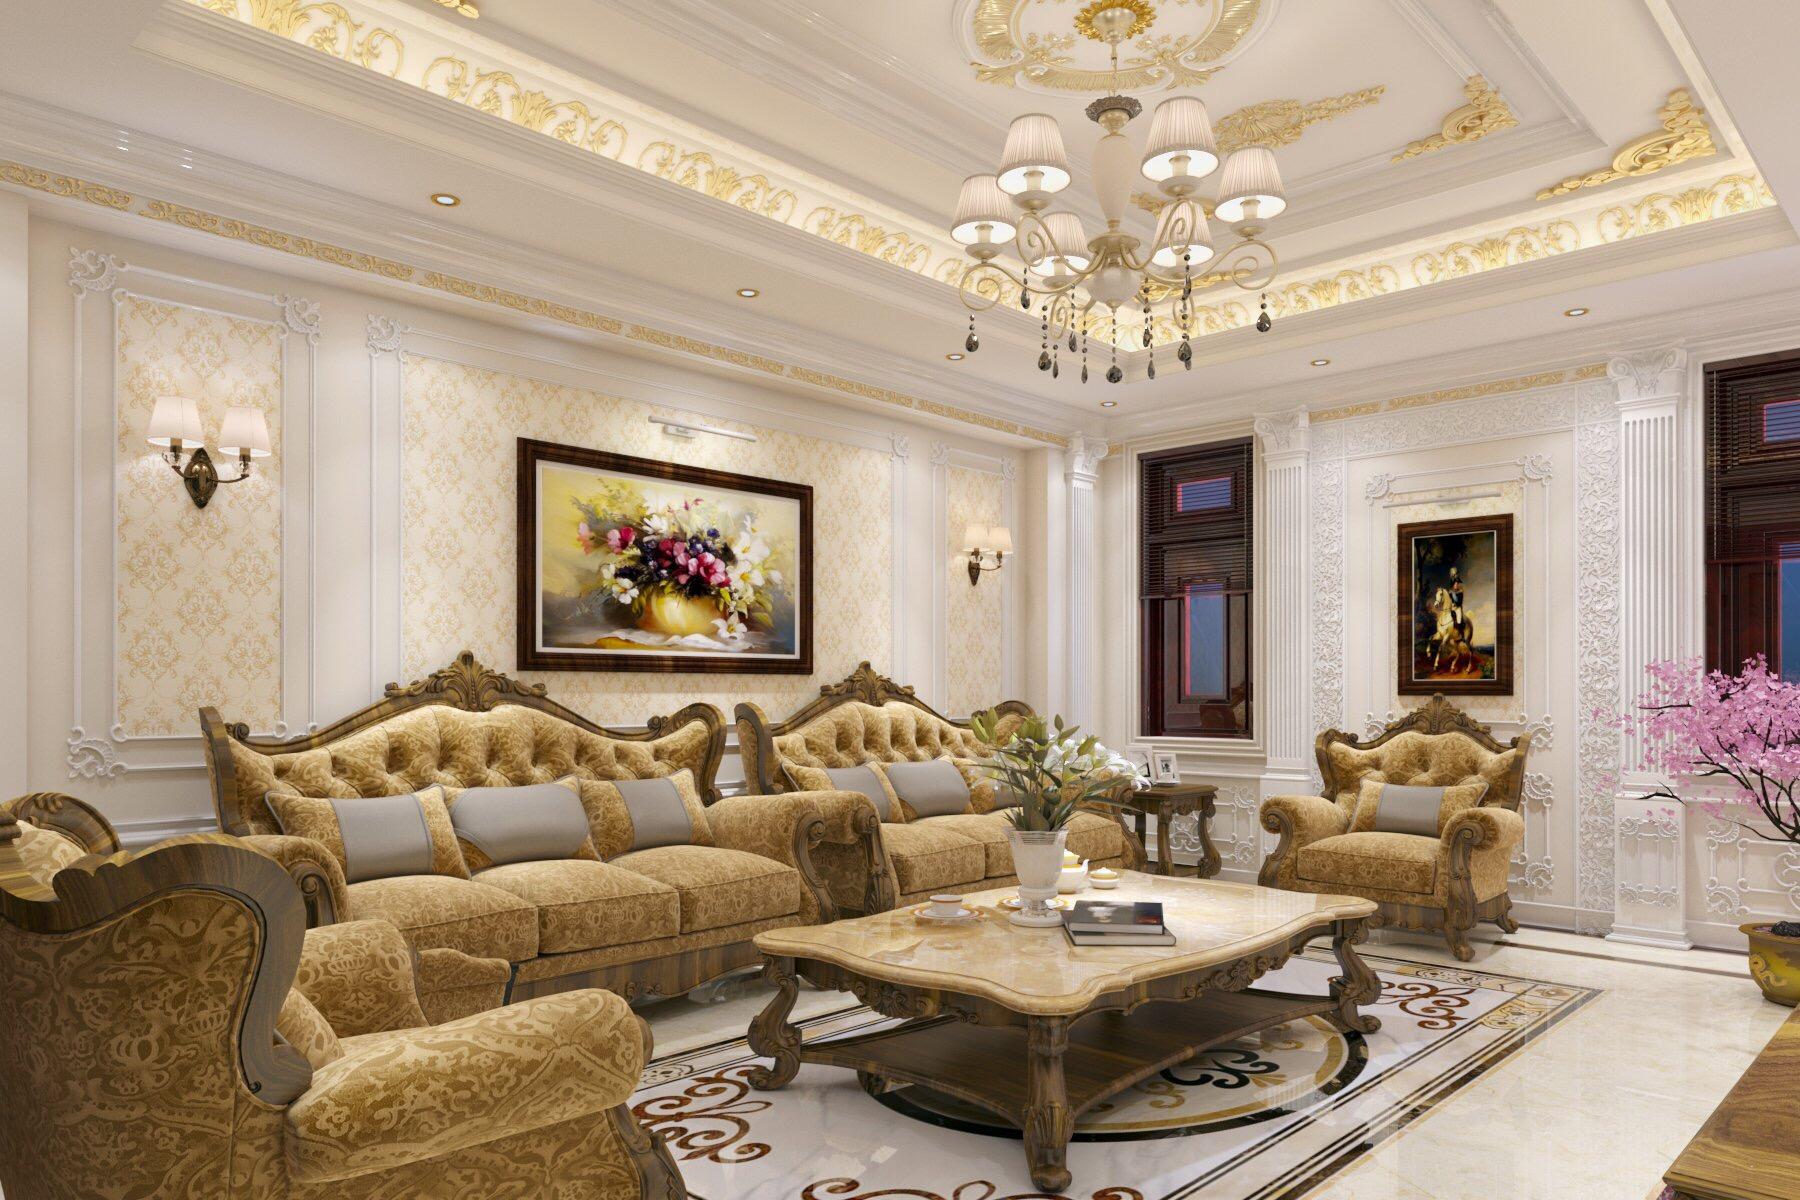 thiết kế nội thất Nhà Mặt Phố tại Bắc Giang Phòng khách cuối năm 0 1549032263